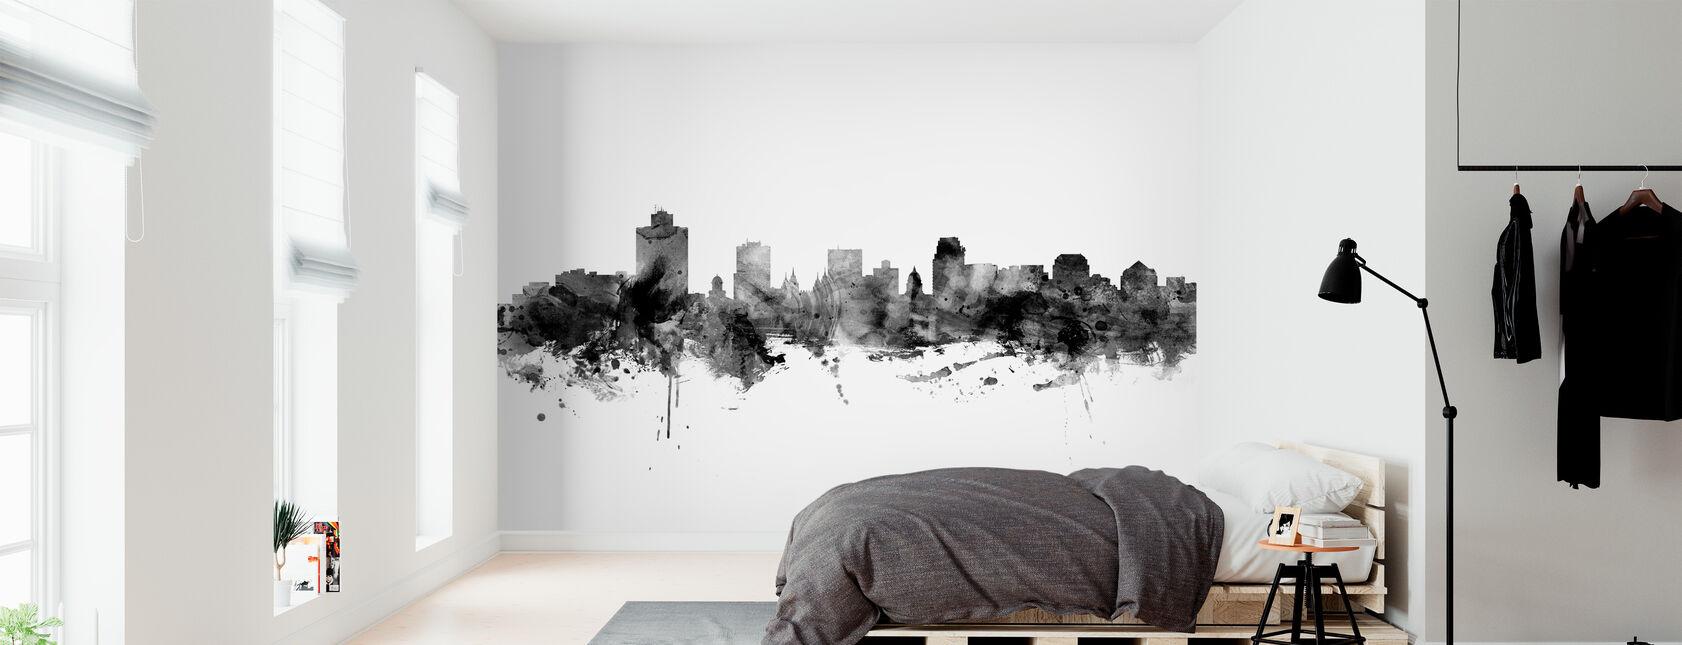 Salt Lake City Skyline, black and white - Wallpaper - Bedroom